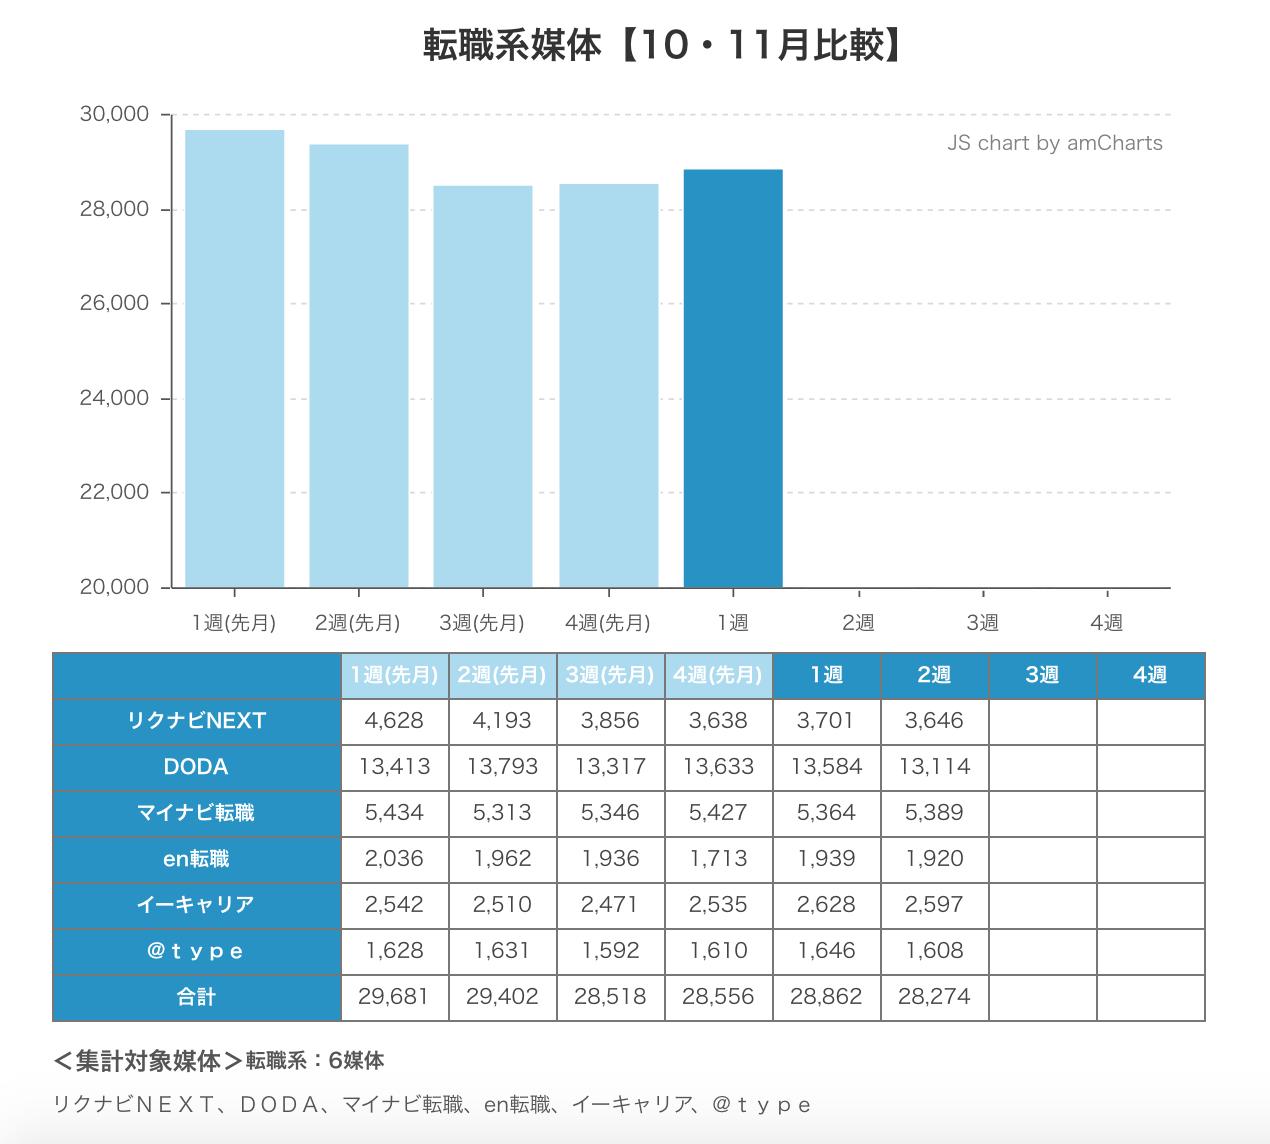 ウィークリー求人サイト掲載件数速報 2014年11月2週